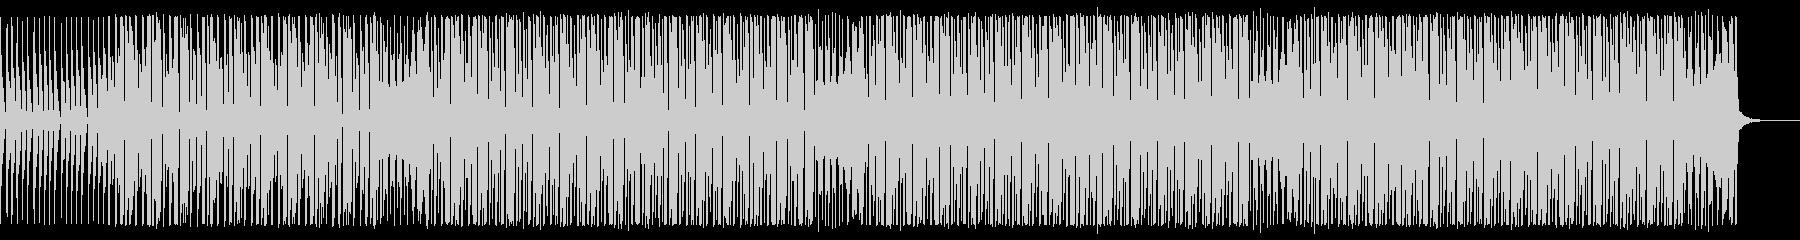 楽器が増えていくリズム重視なダンスPOPの未再生の波形